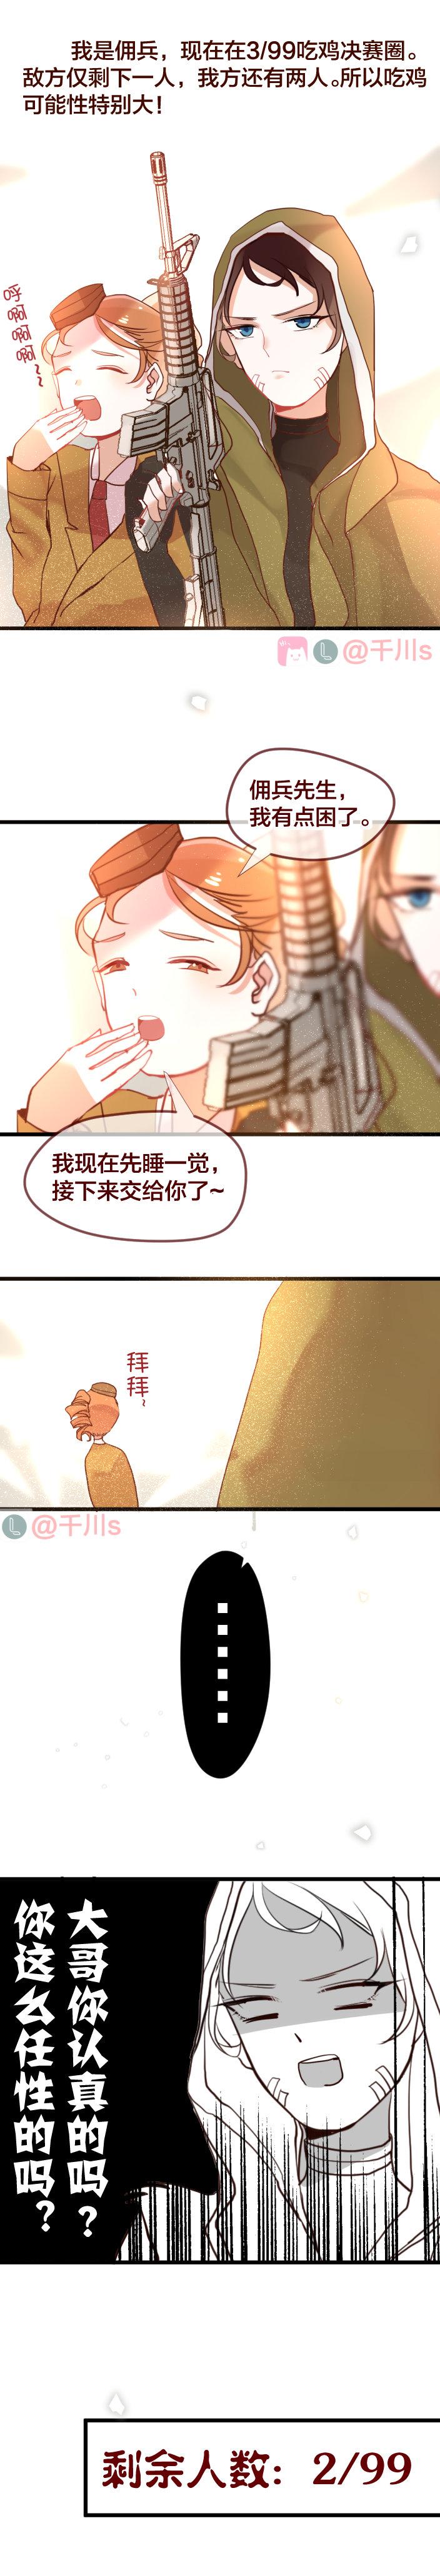 军人组的吃鸡之旅part.2